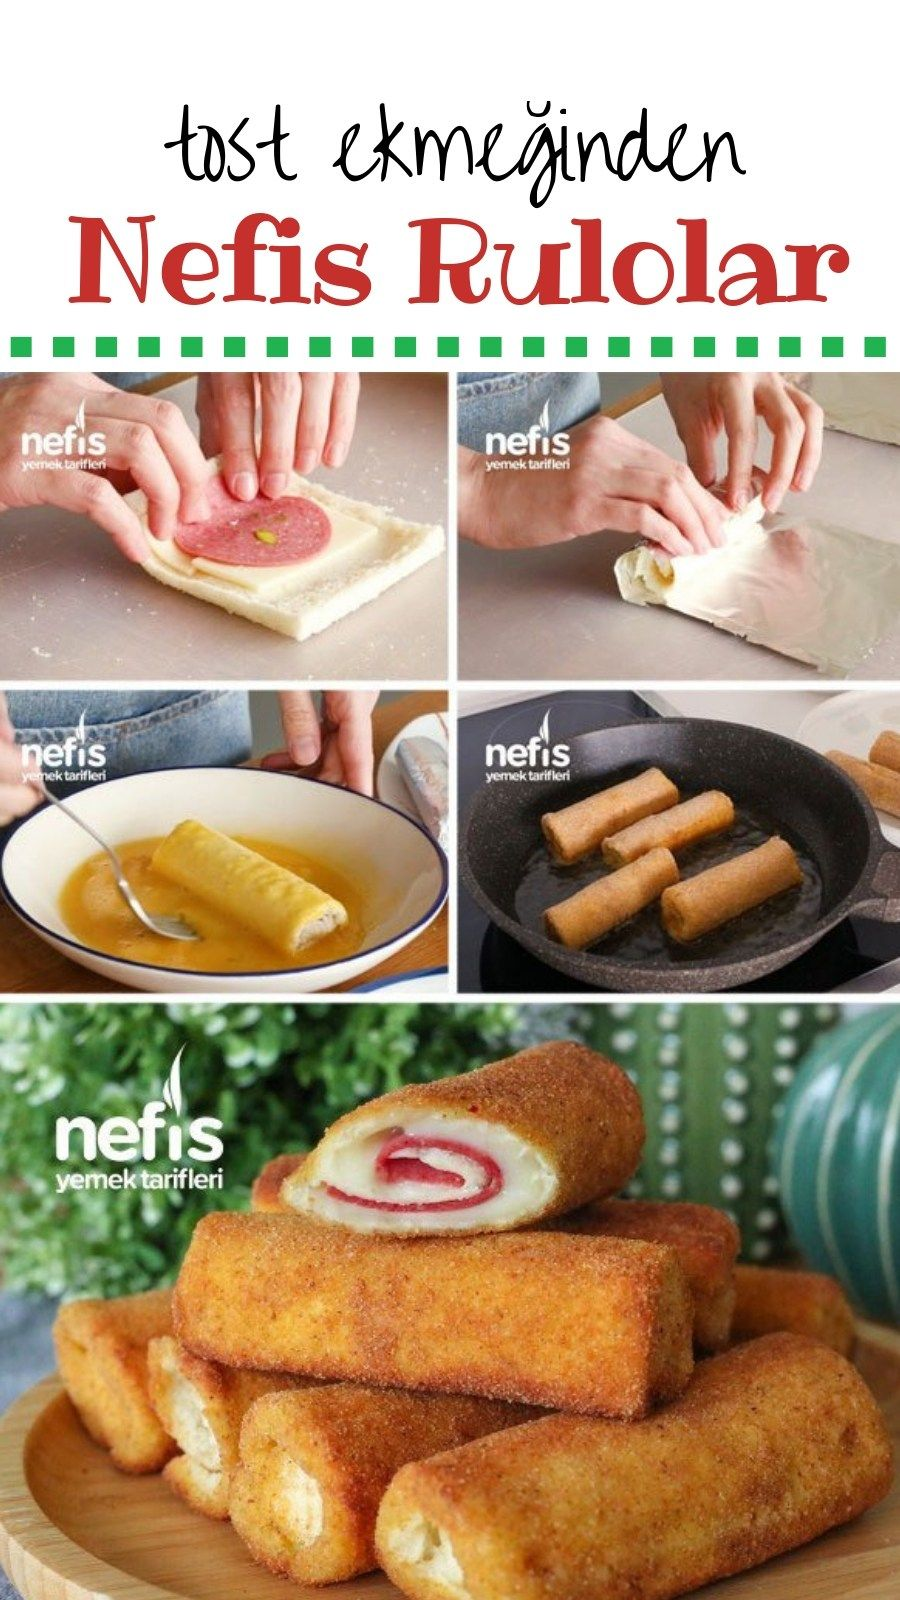 Kahvaltıya Özel Tost Ekmeğinden Çok Farklı Bir Tarif - Nefis Yemek Tarifleri